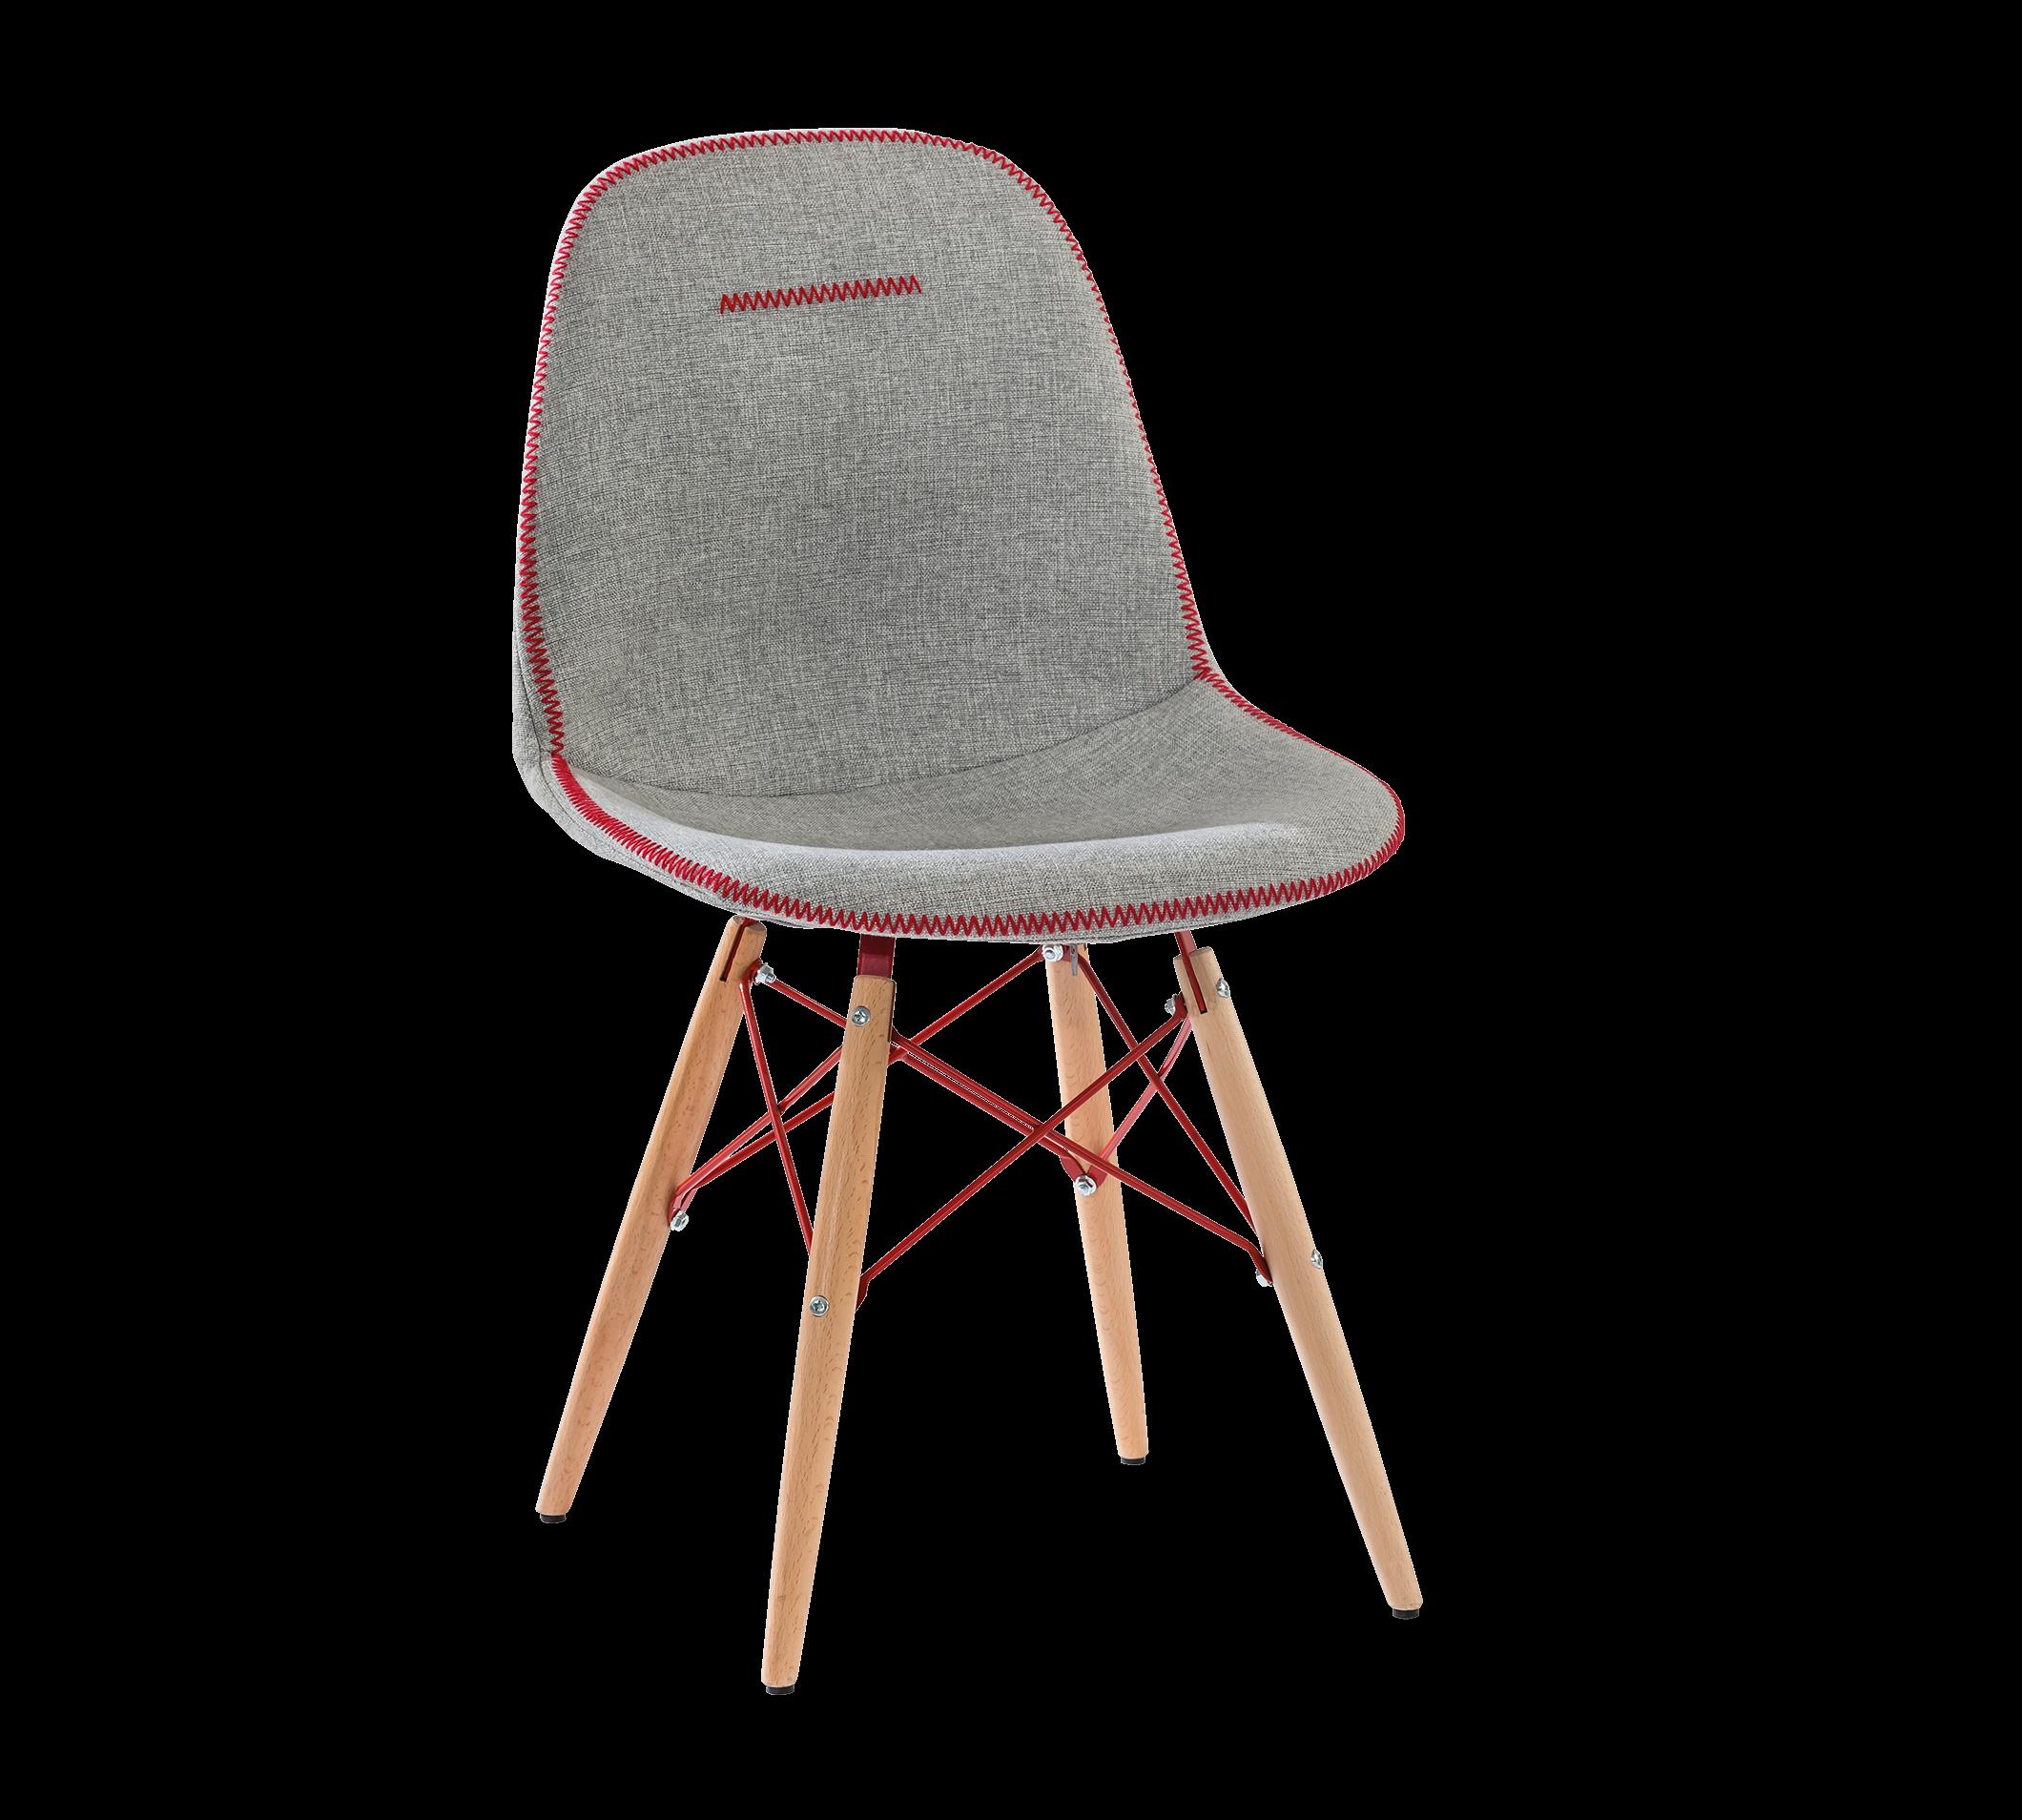 Scaun pentru copii tapitat cu stofa si picioare din lemn Trio Gri, l50xA50xH85 cm imagine